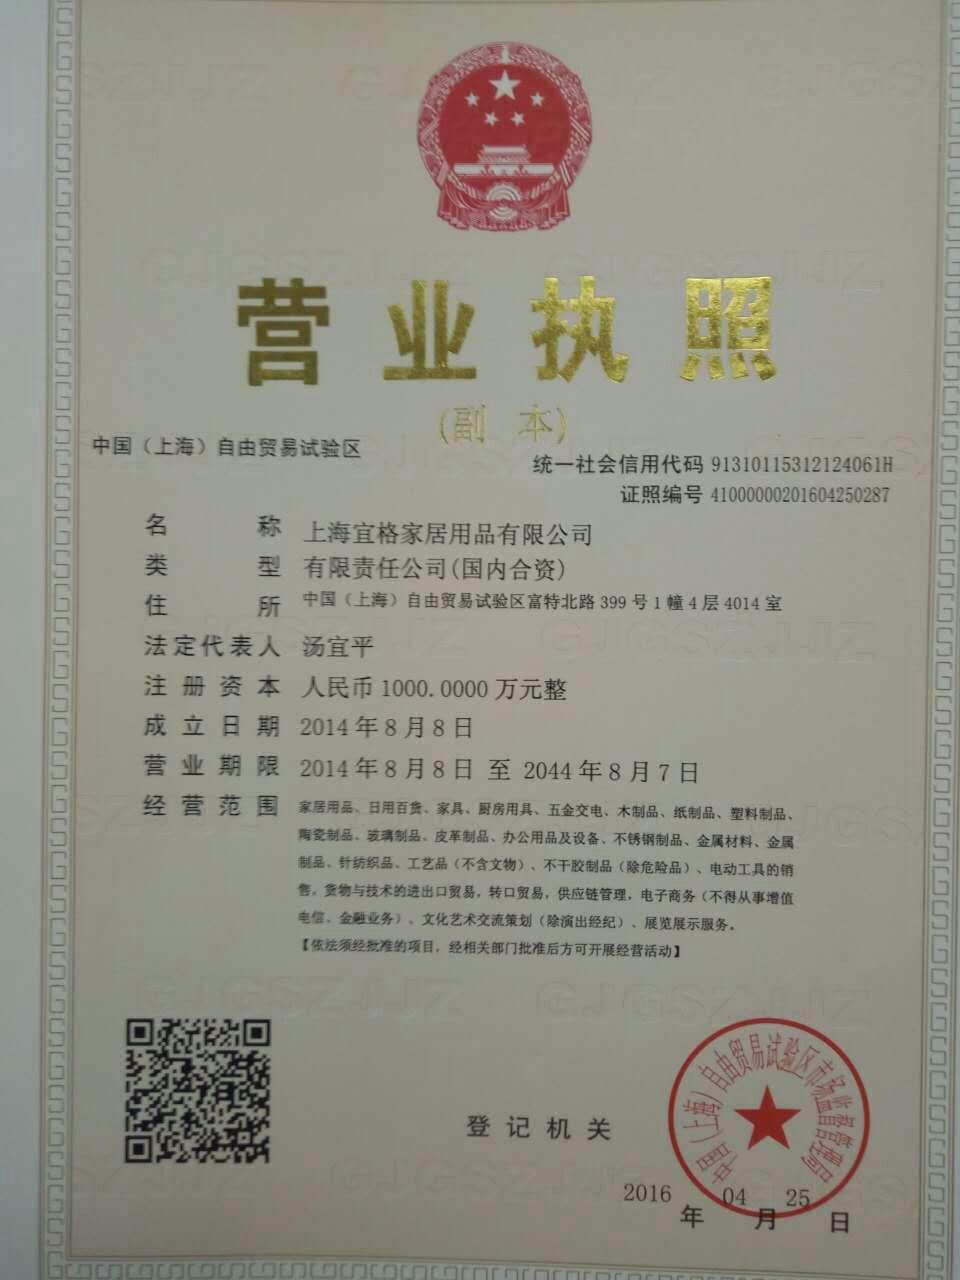 空间名称大全_上海宜格家居用品有限公司